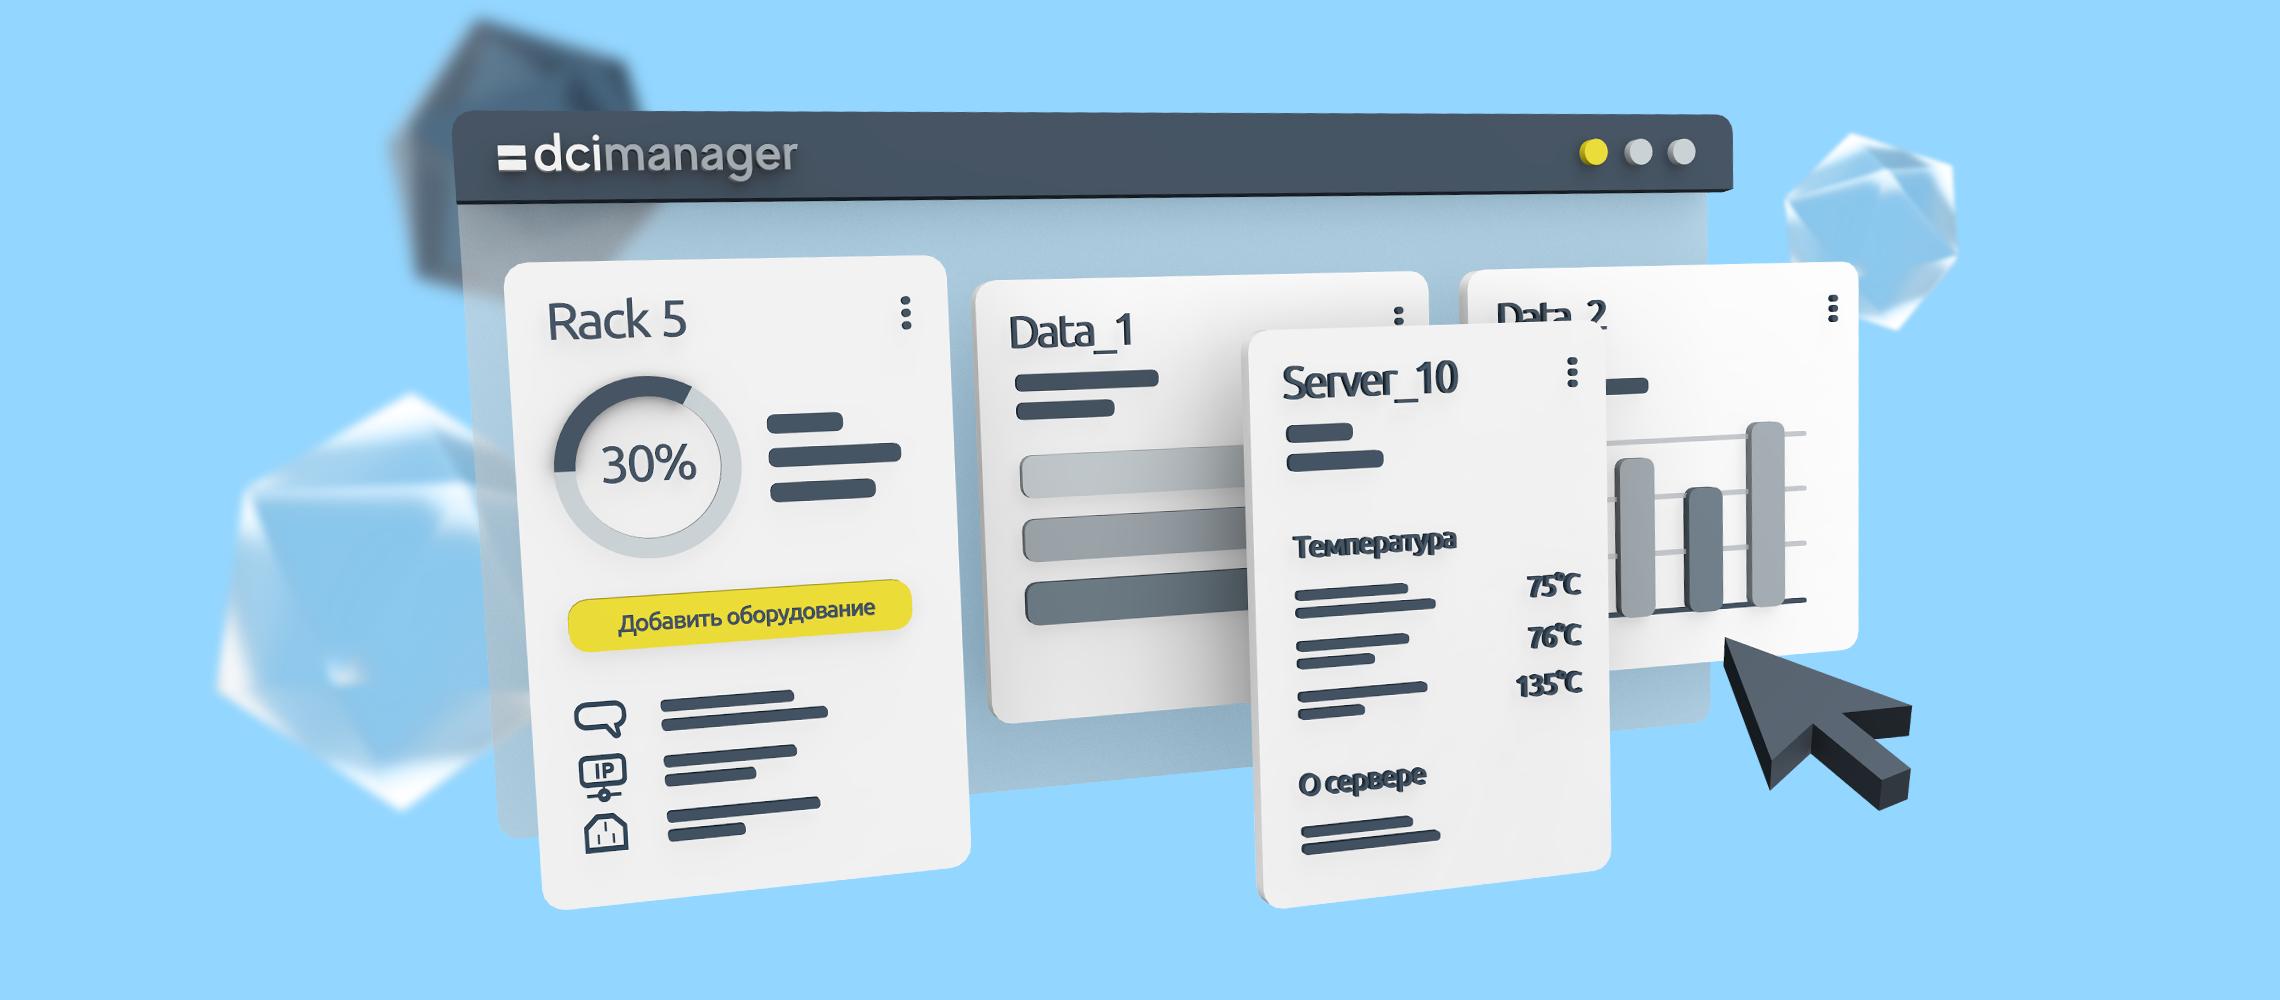 Карта стойки в DCImanager показывает размещение и состояние оборудования